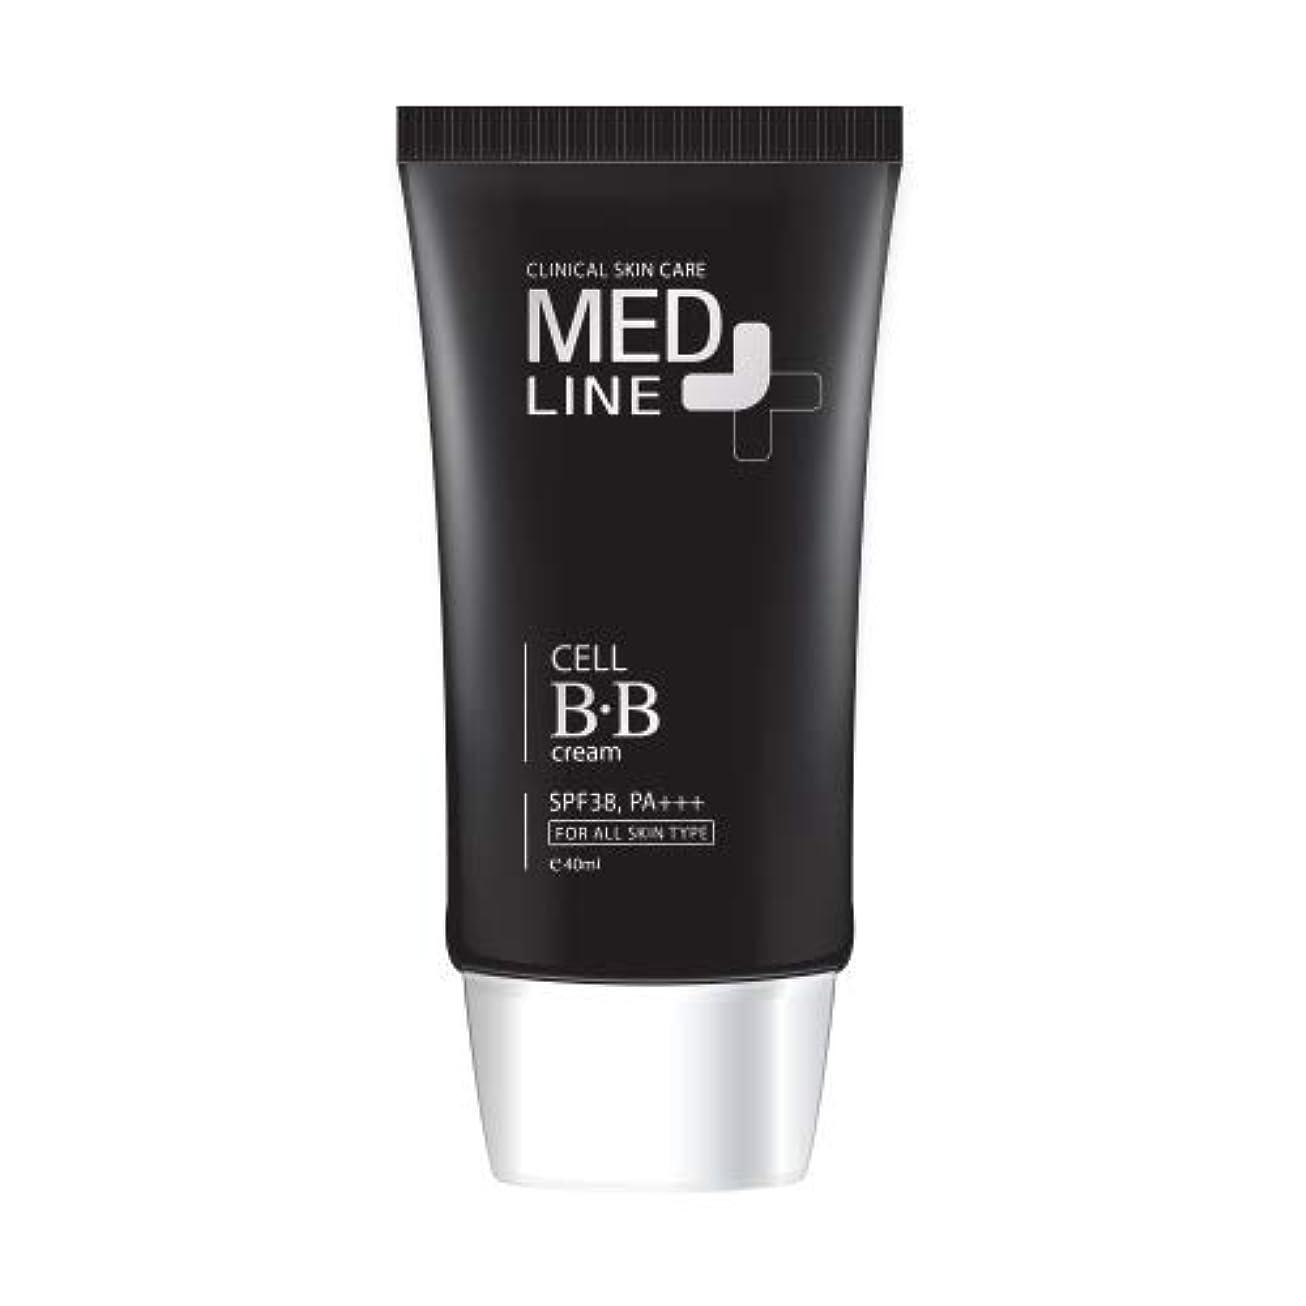 山岳ひどい二次メドライン(Med Line) セルBBクリーム(Cell B.B Cream)